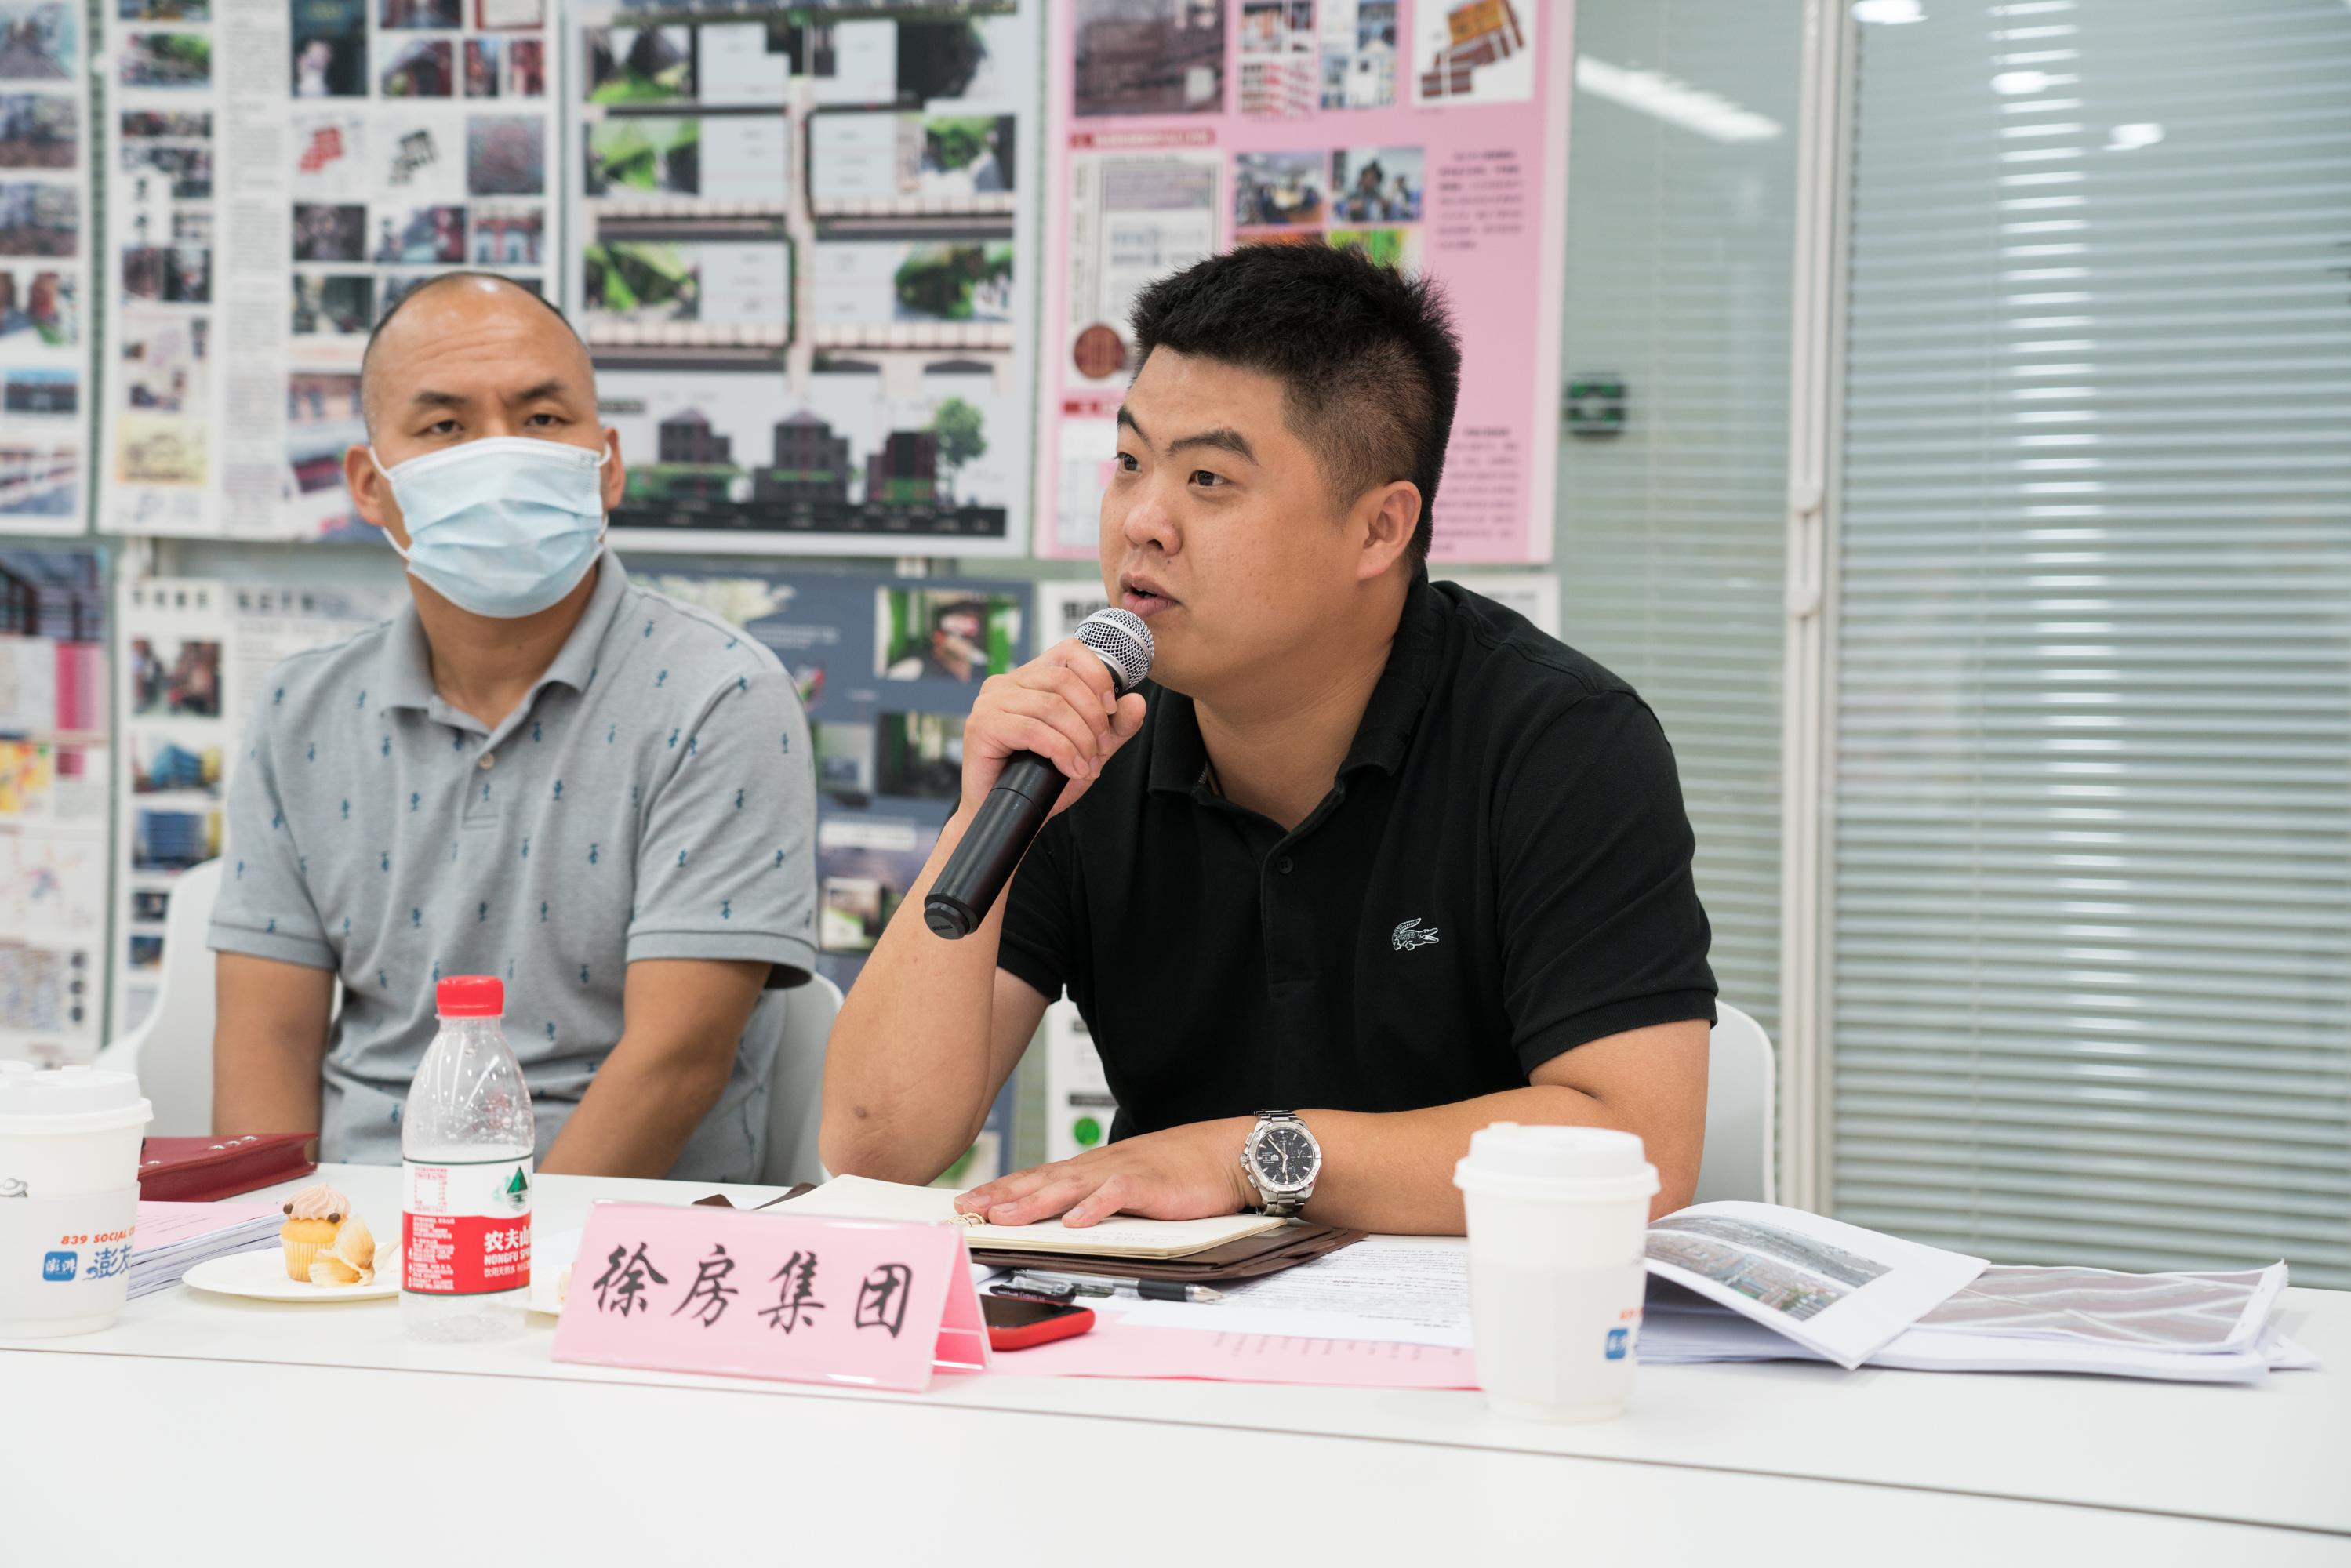 徐房建筑施工部副经理岳嘉勇在发言中。